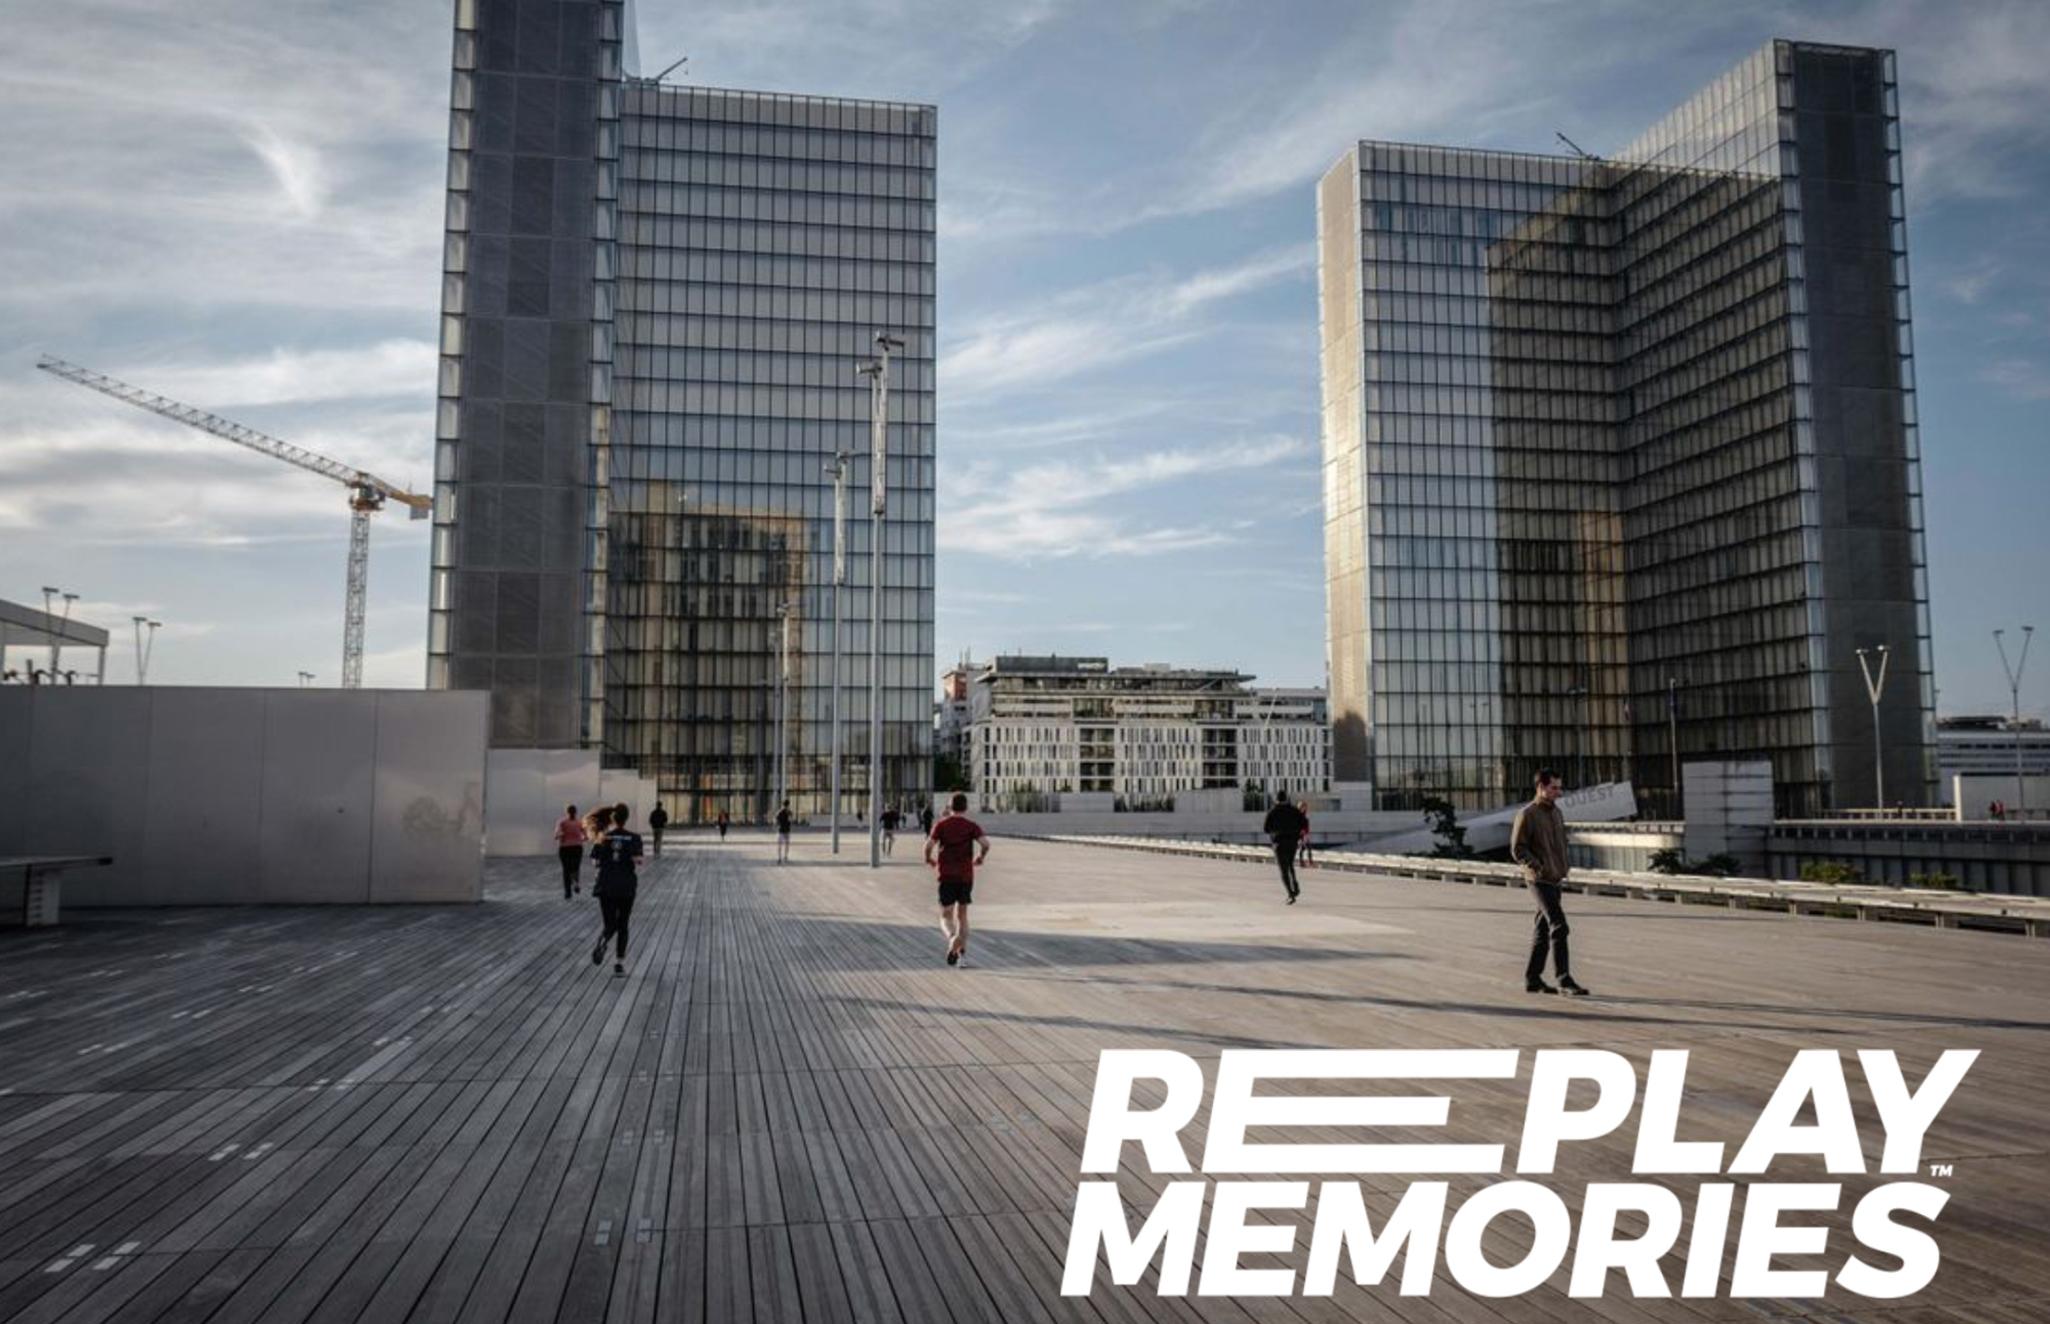 REPLAY MEMORIES présentée à la Bibliothèque François-Mitterrand (BNF)